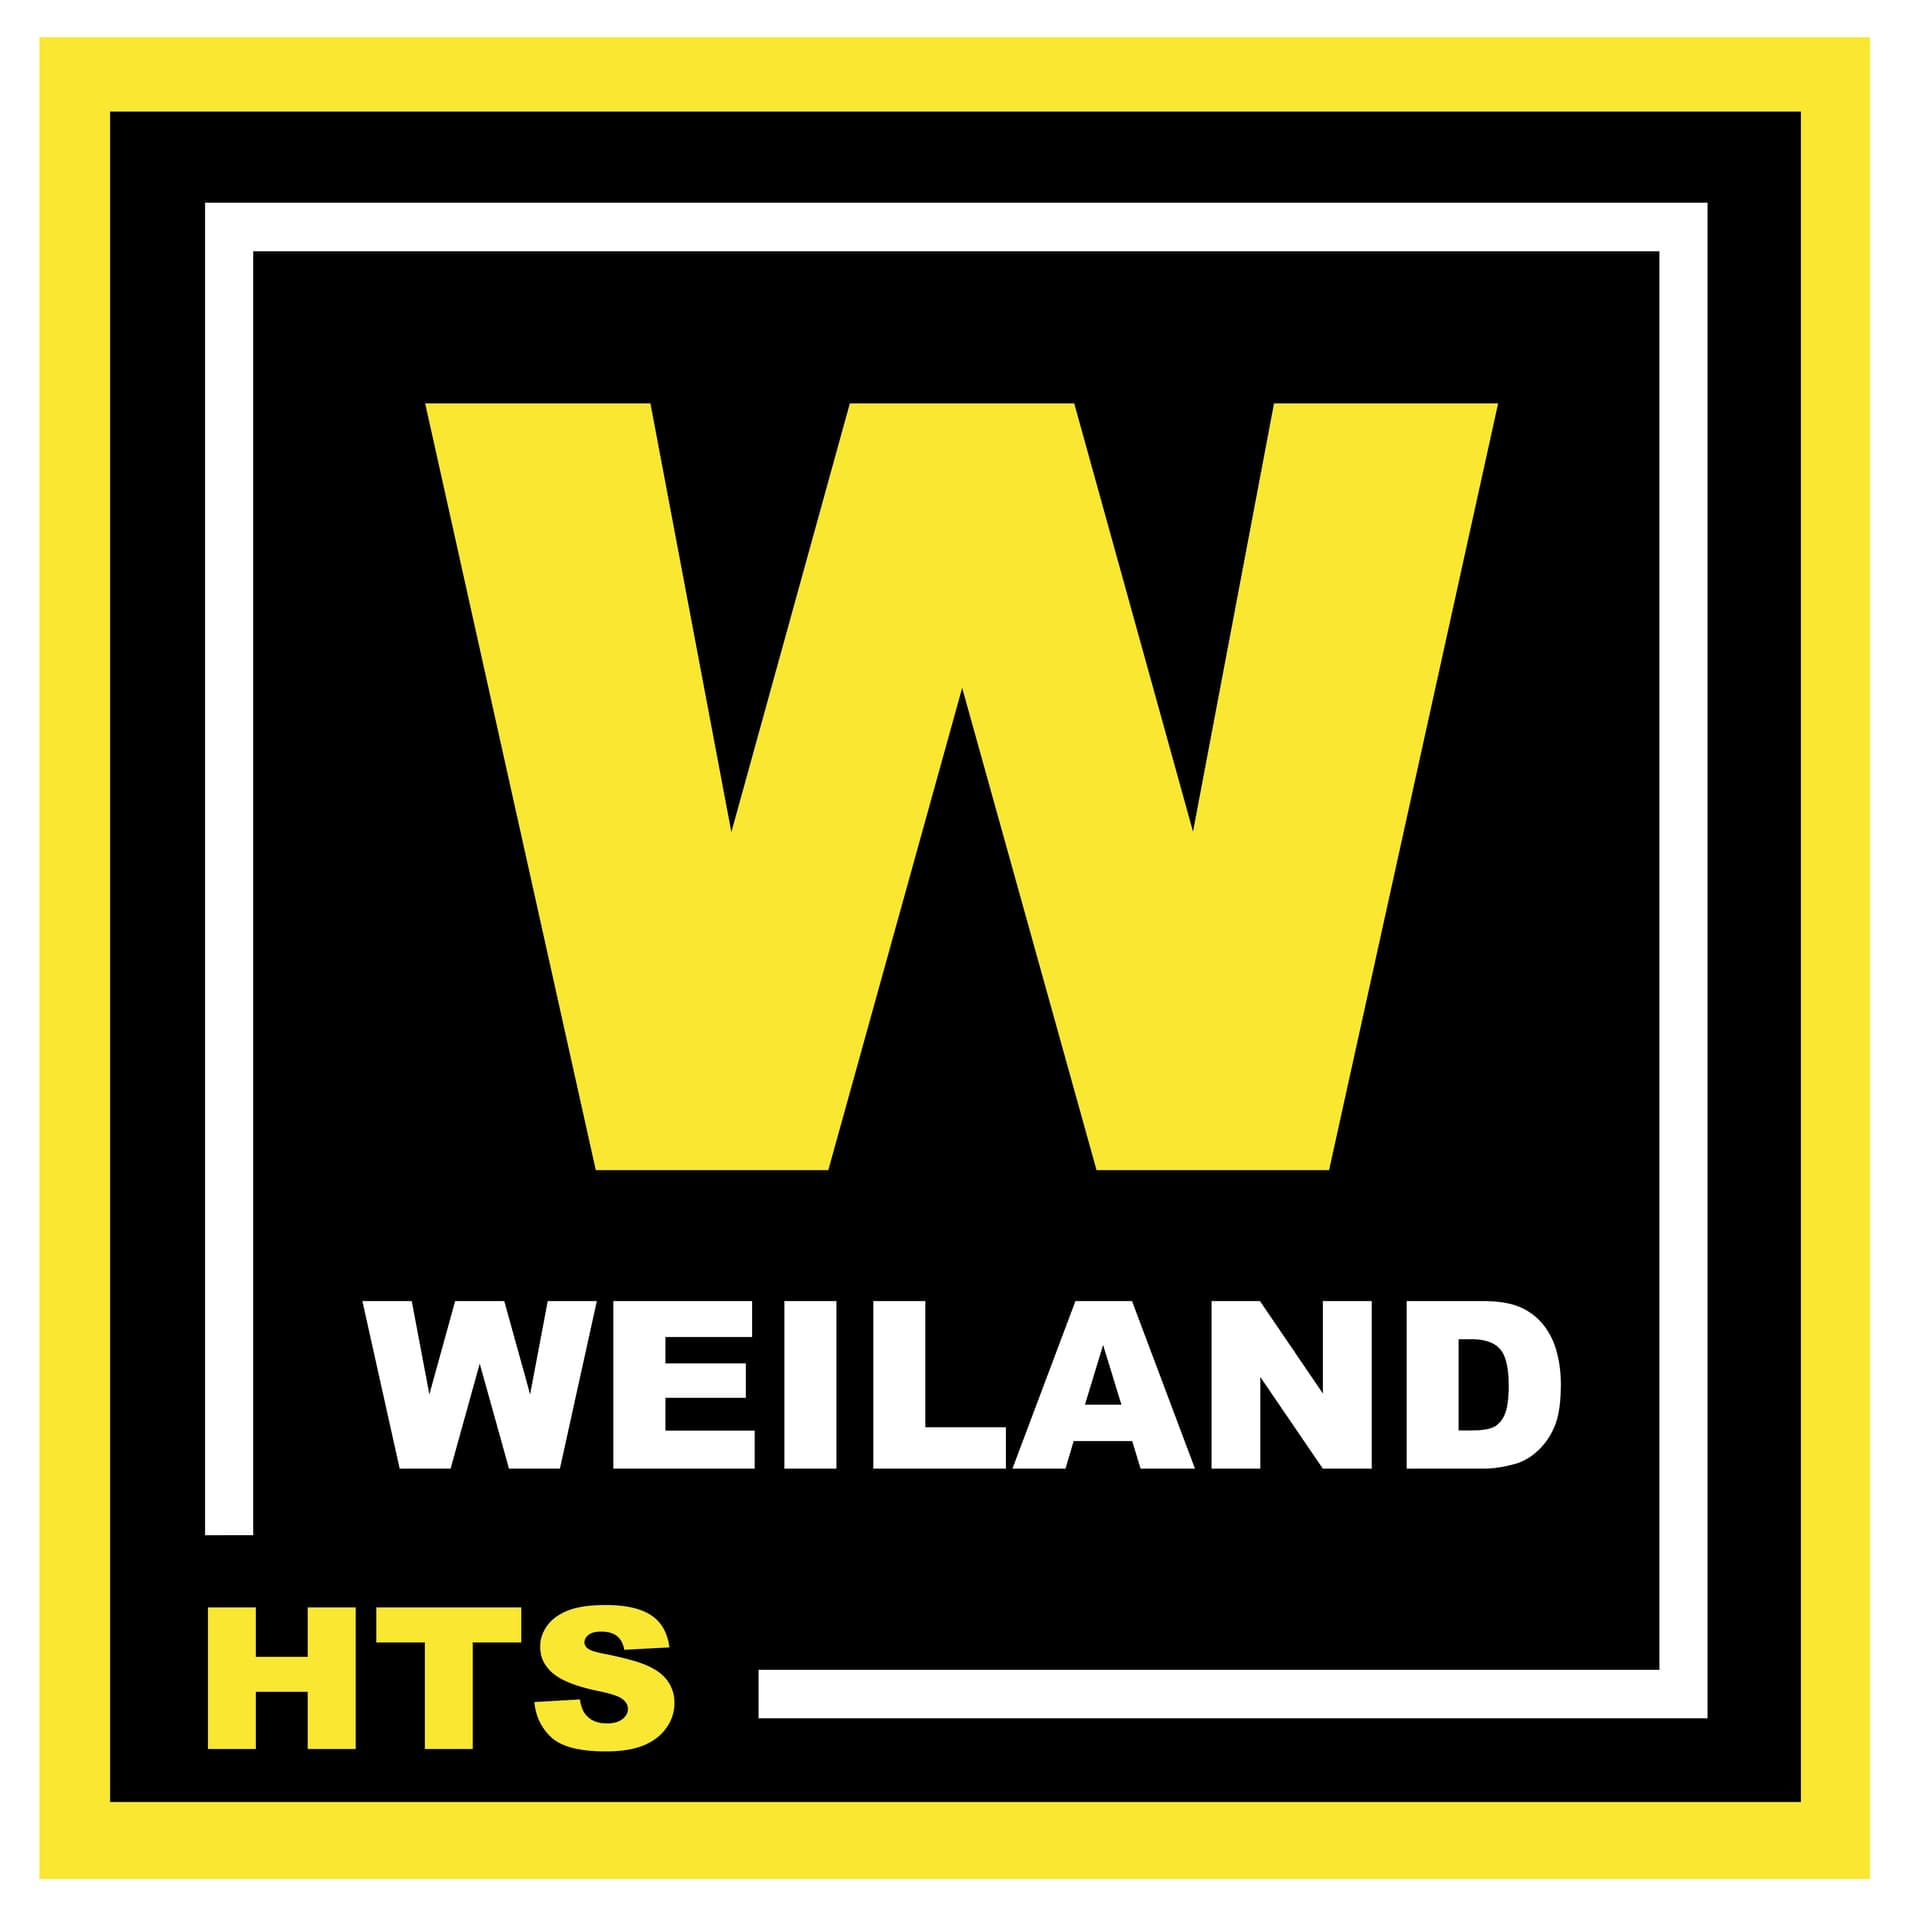 Weiland_HTS